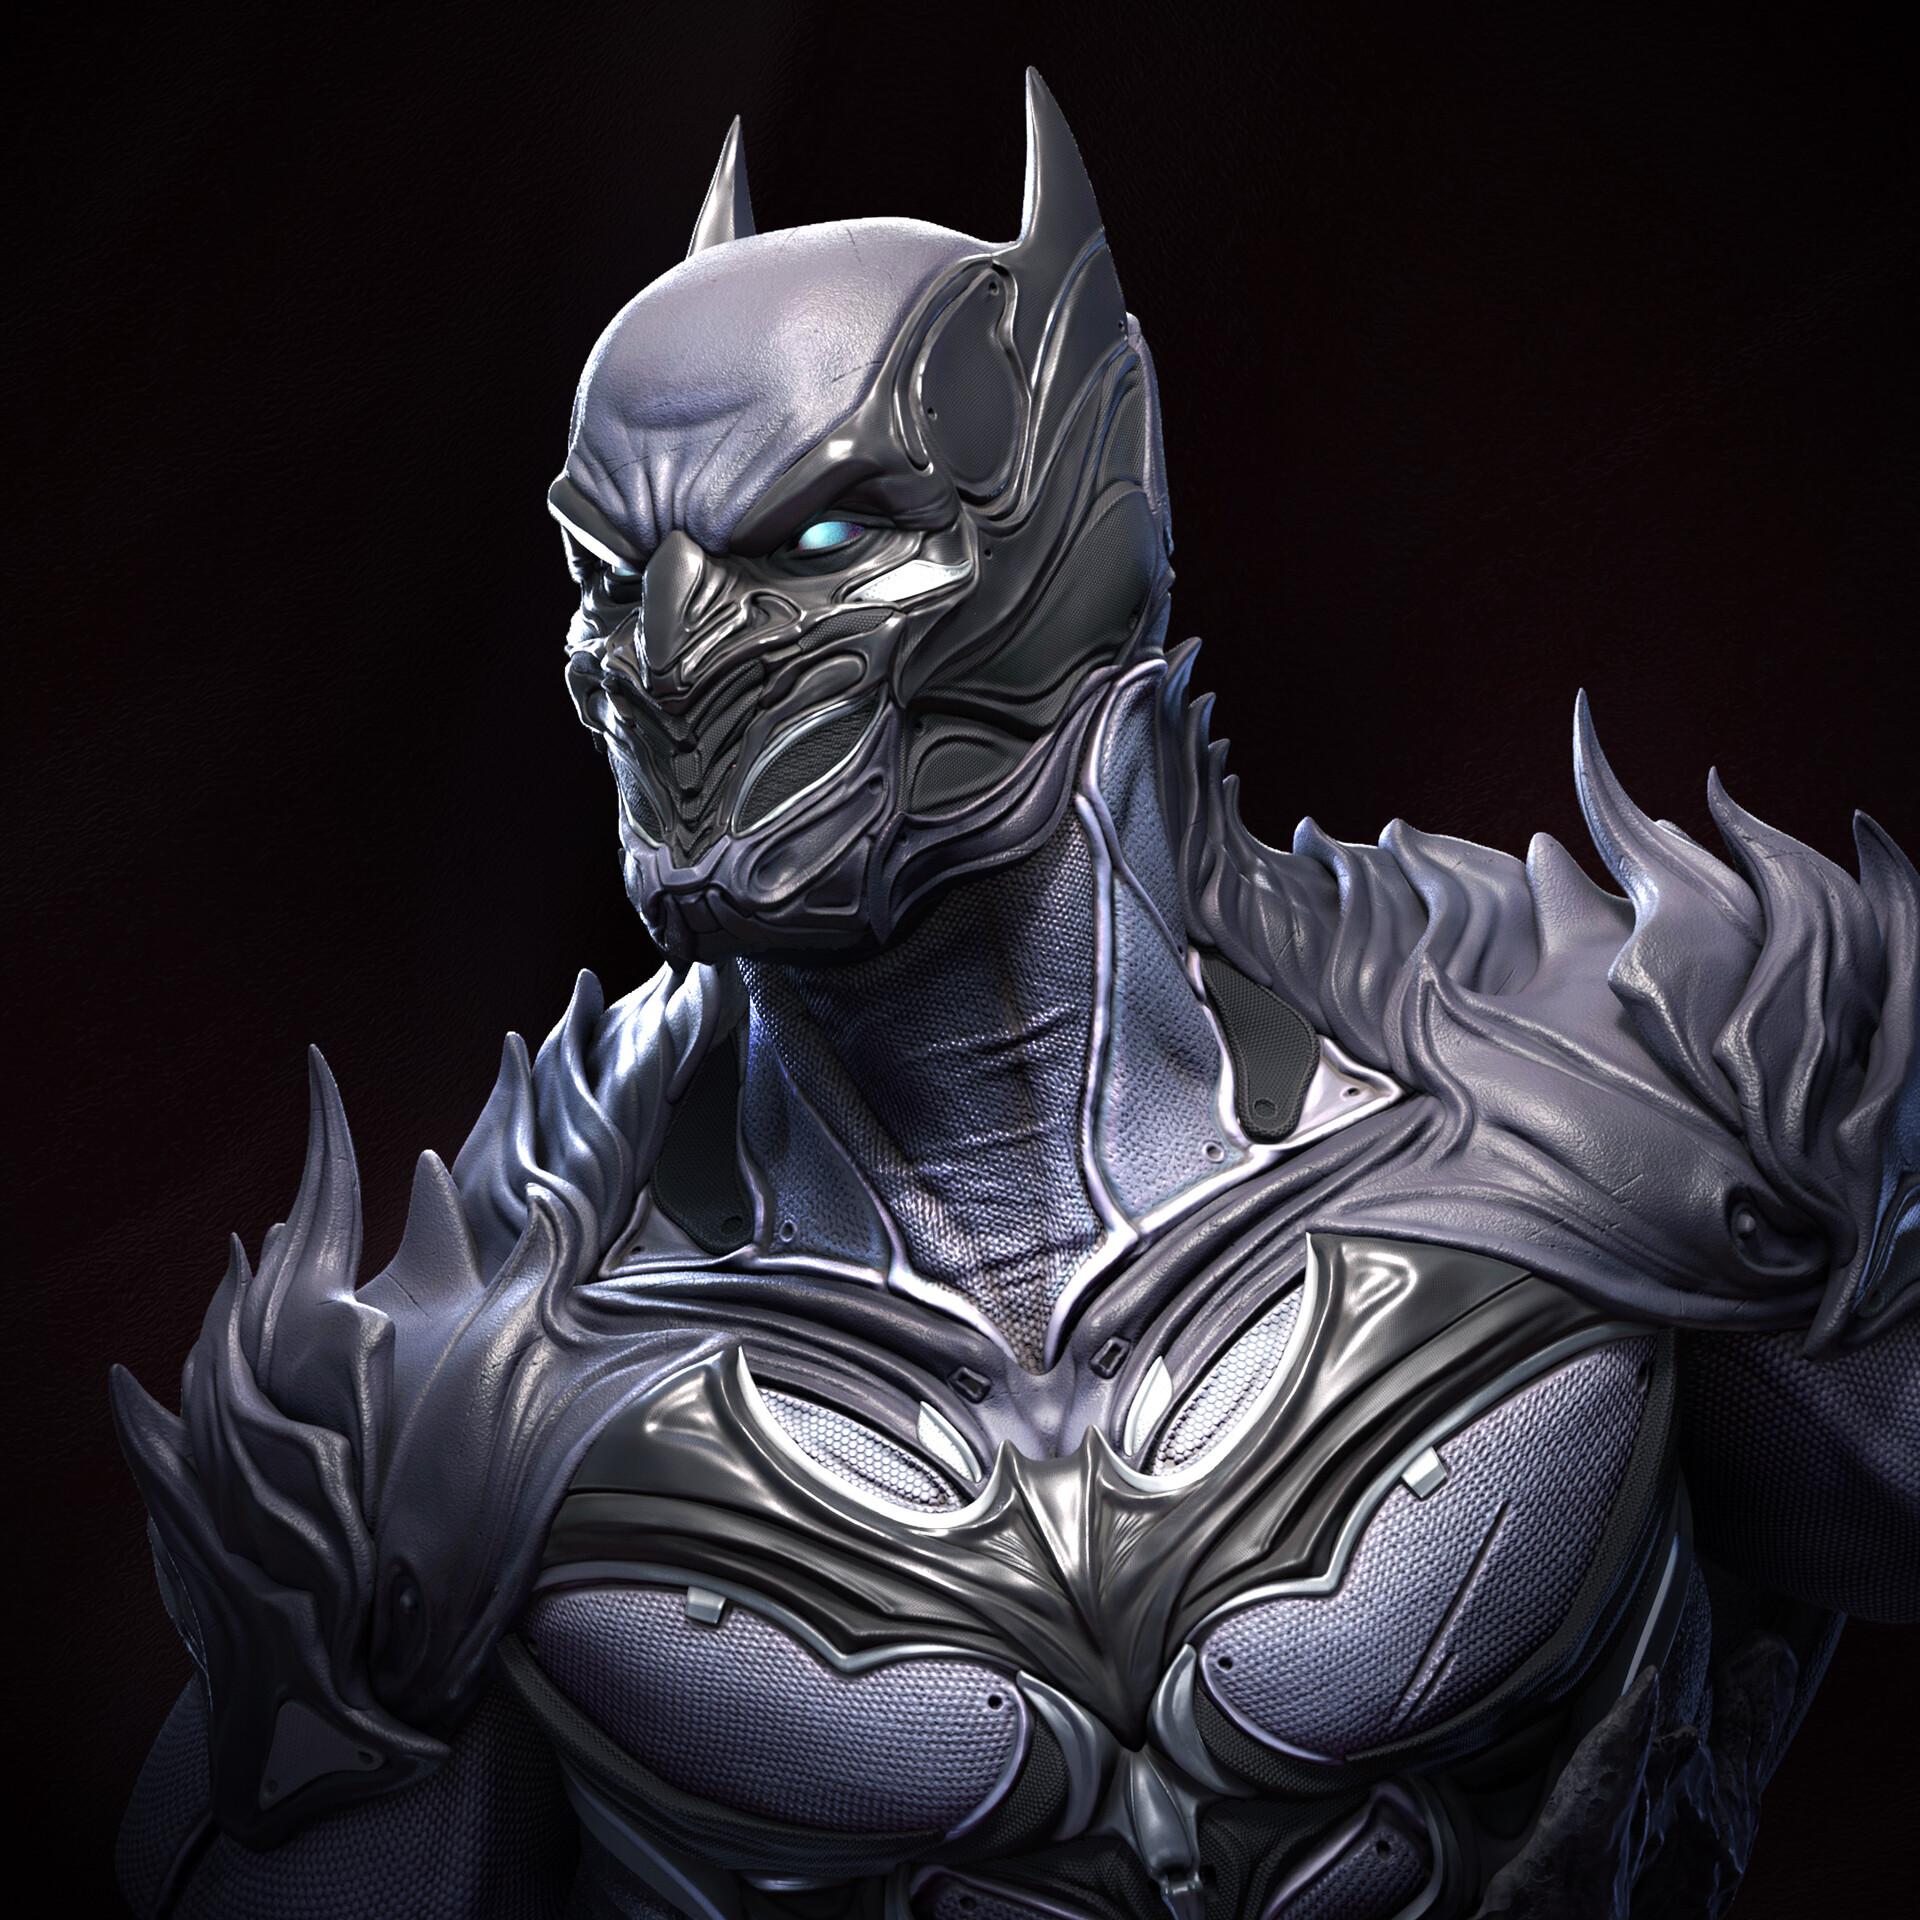 Batman bust (fan art)